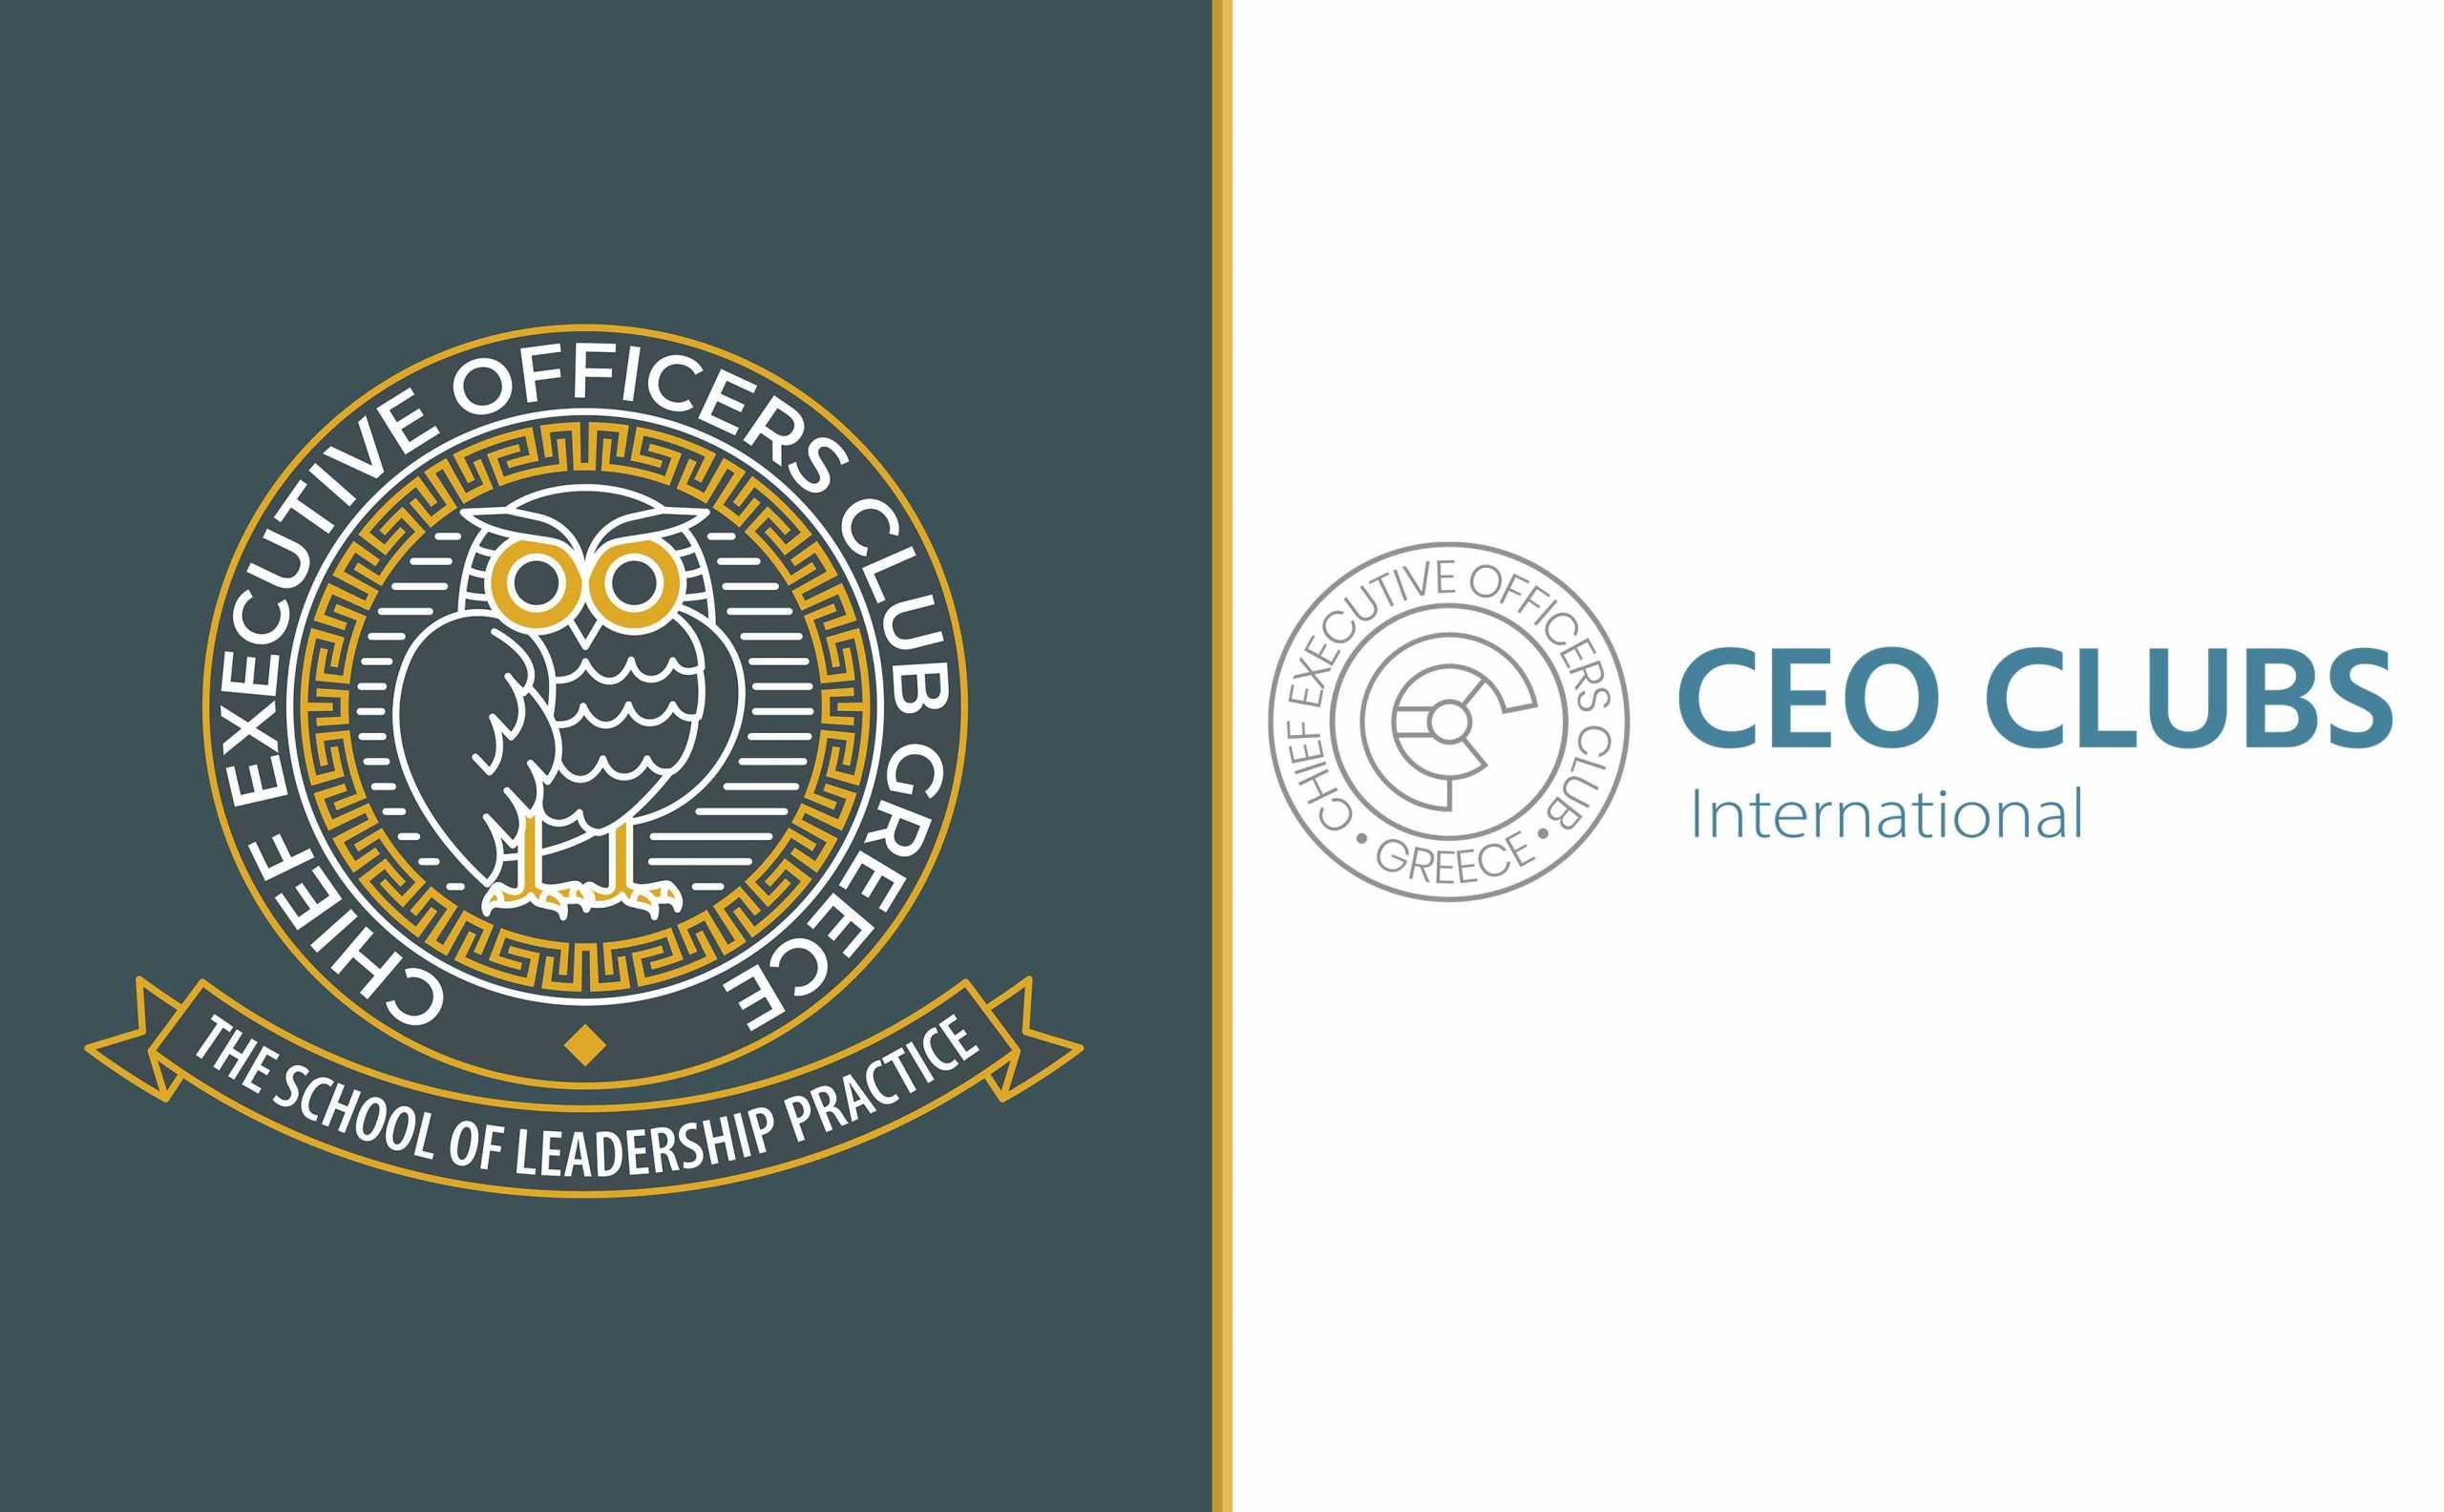 Σχολή Ηγετικής Πρακτικής από το CEO Clubs Greece: ο νέος σύμμαχος δια βίου μάθησης των Ελλήνων CEOs